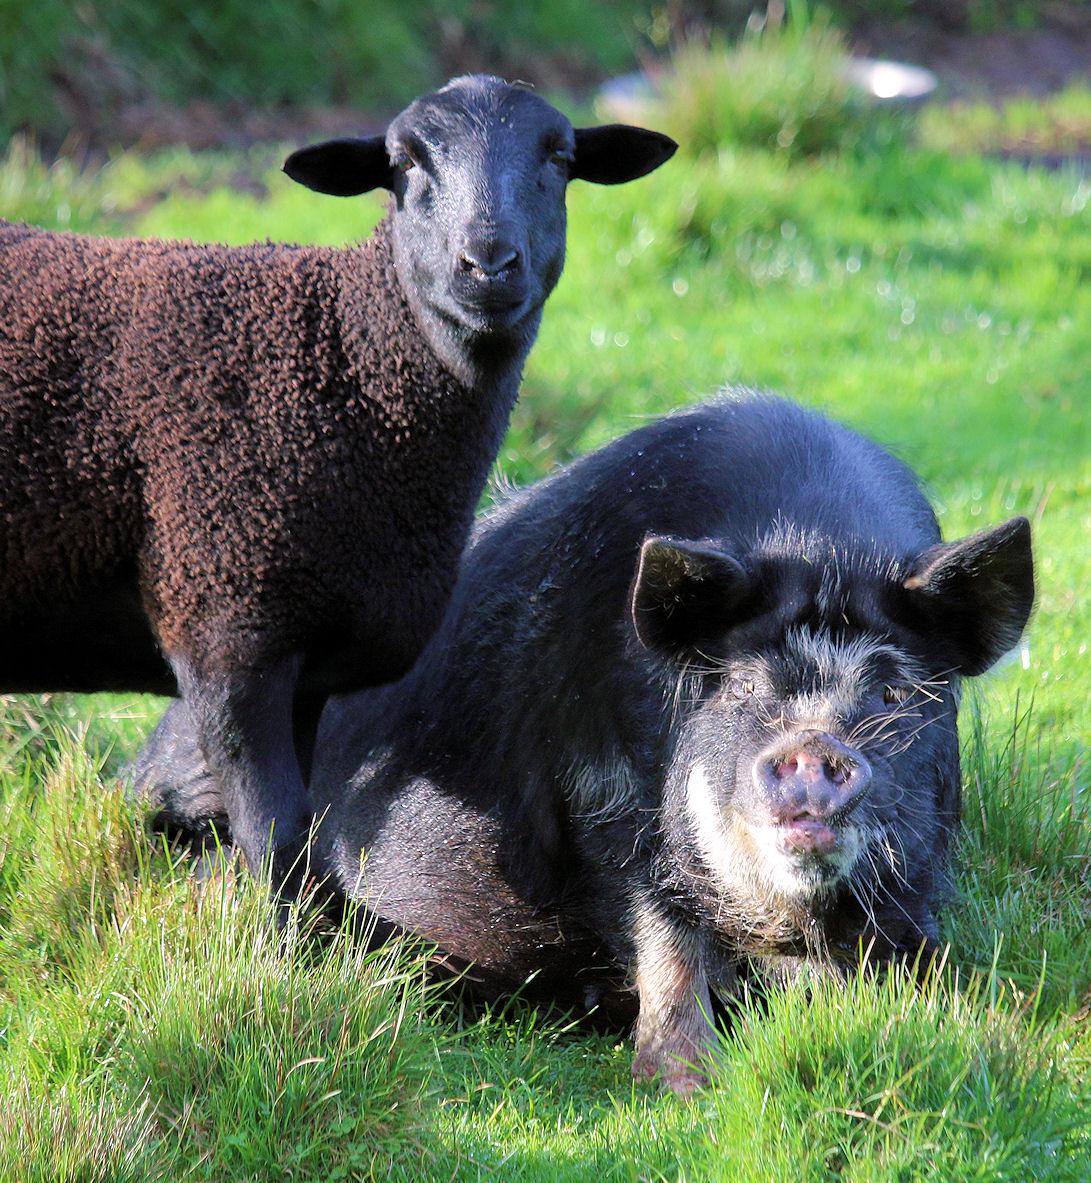 lamb-and-pig